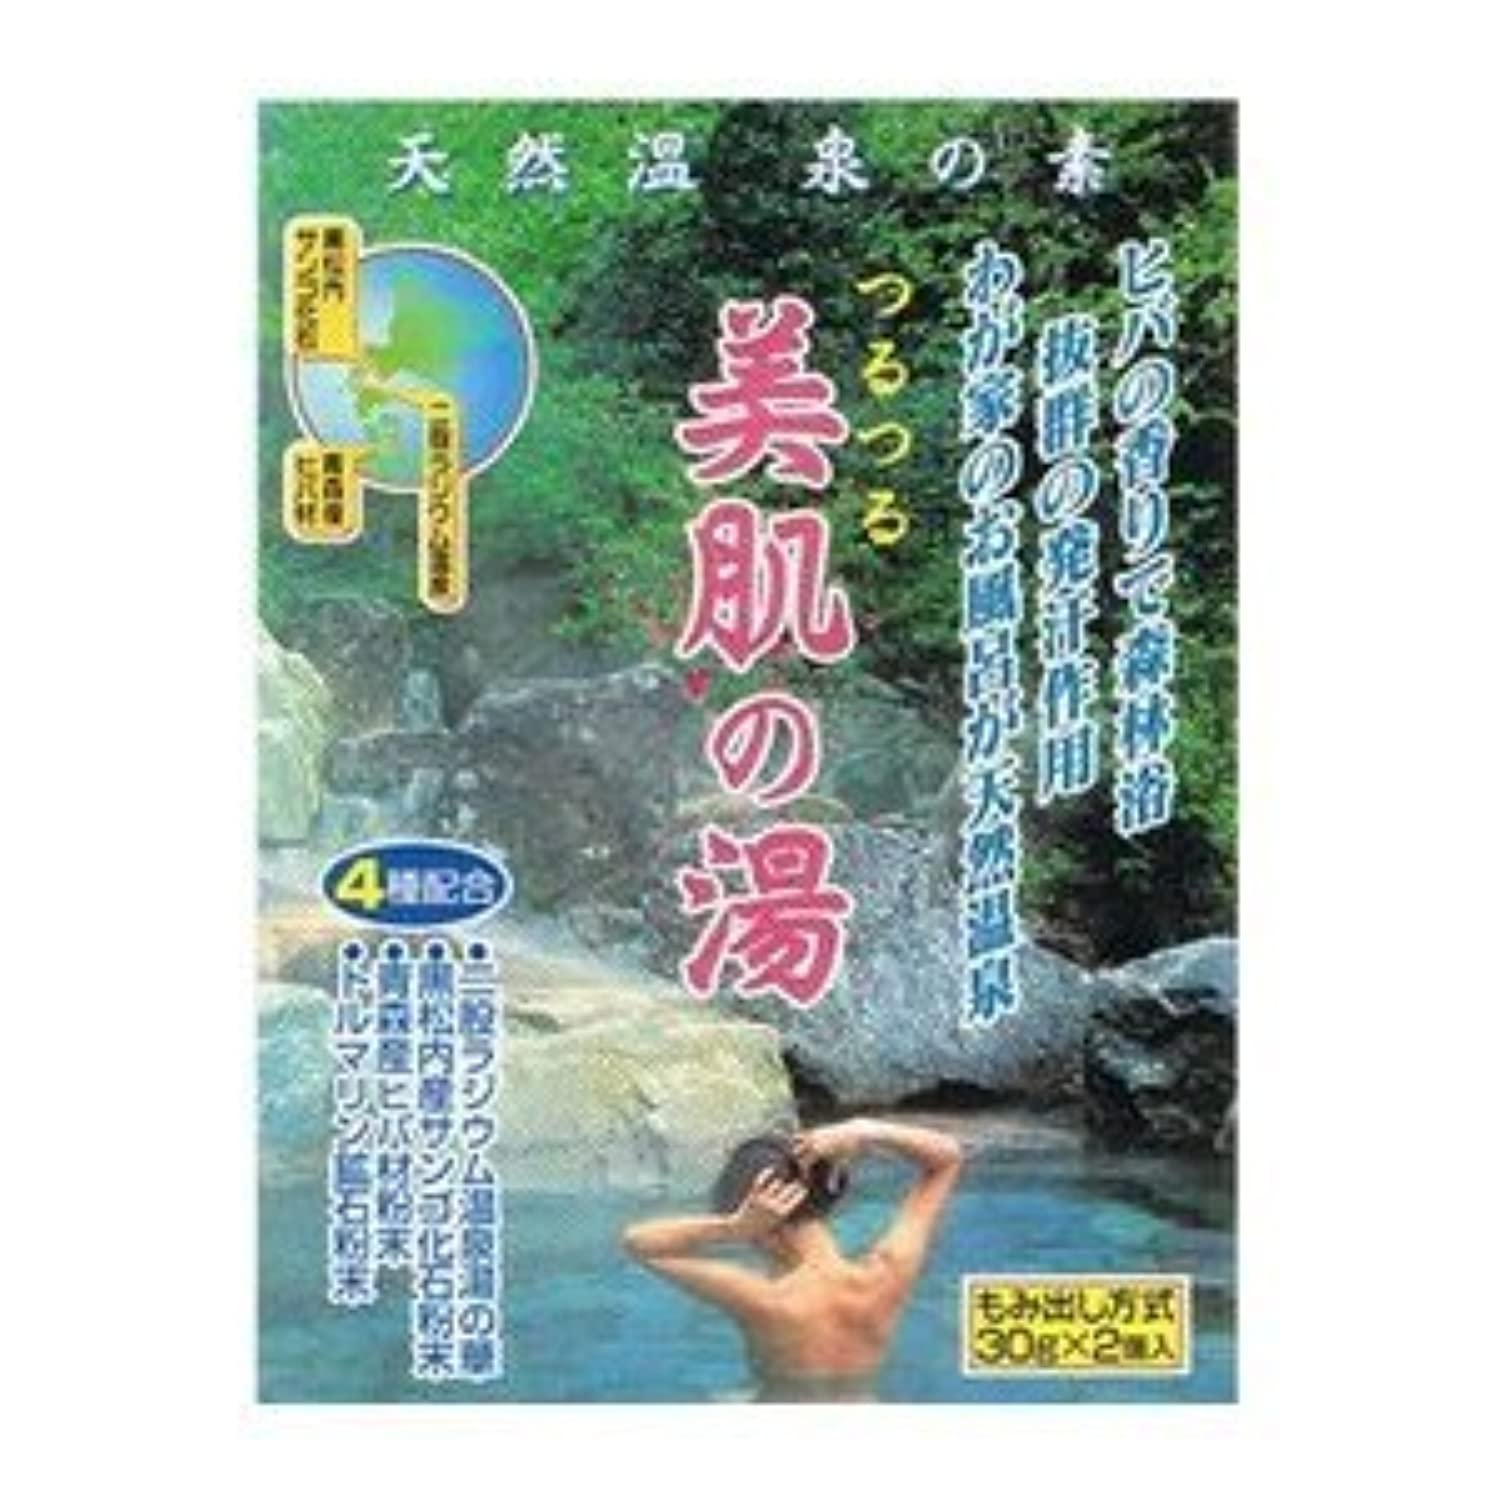 増強教えて間違えた天然温泉の素 美肌の湯 (30g×2個入)×12袋セット